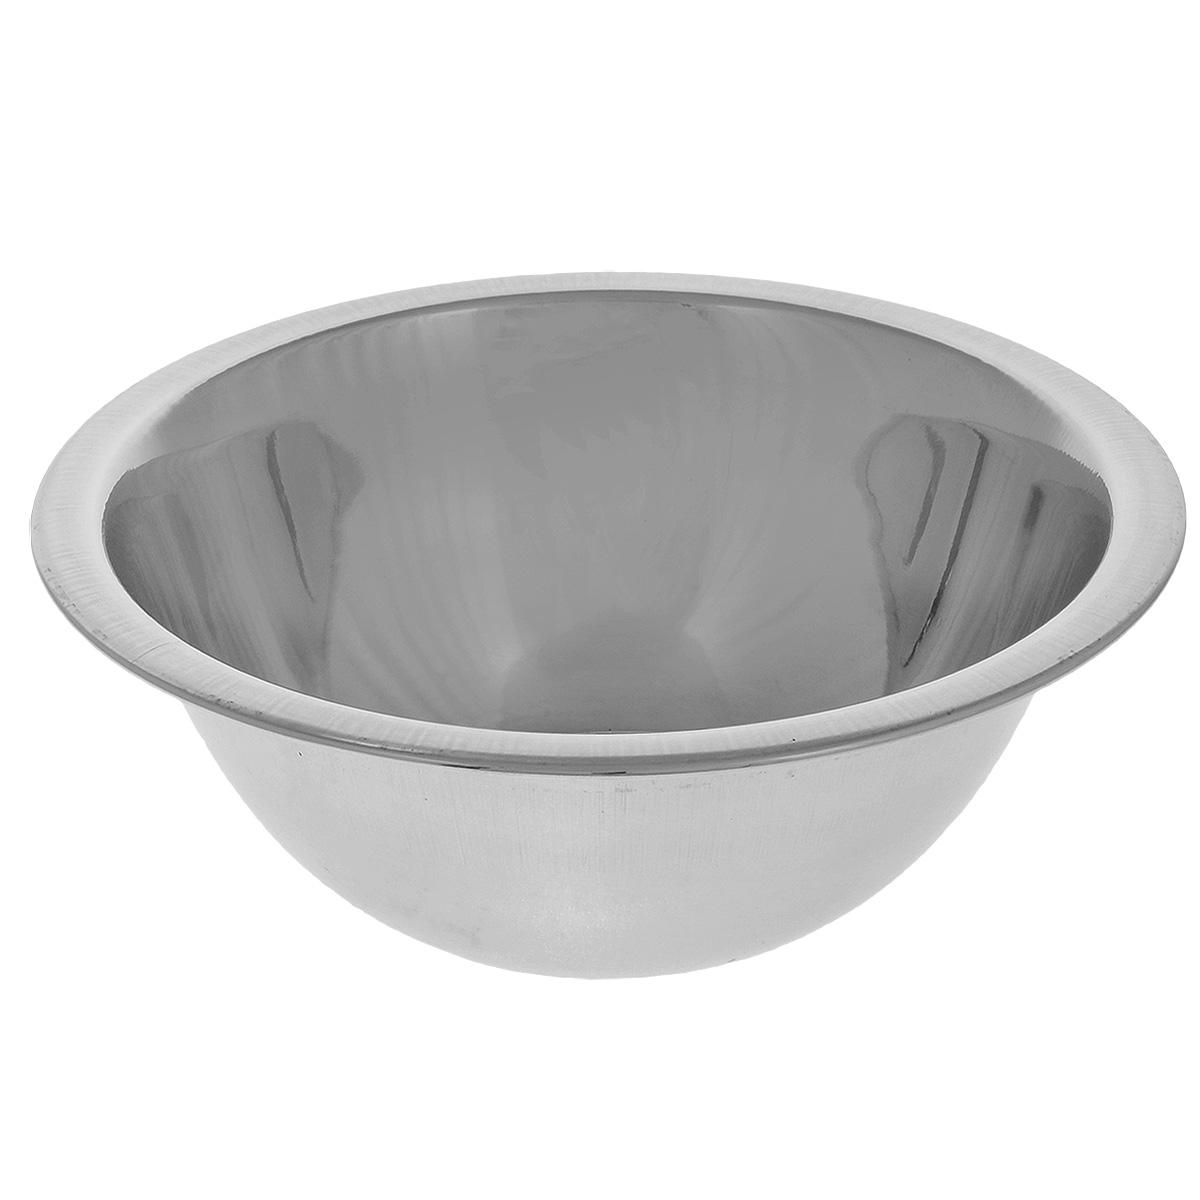 Миска Padia, диаметр 18 см, 750 мл5000-19Миска Padia изготовлена из нержавеющей стали. Удобная посуда прекрасно подойдет для походов и пикников. Прочная, компактная миска легко моется. Отлично подойдет для горячих блюд. Диаметр миски: 17,5 см. Высота миски: 5,5 см. Объем: 750 мл.